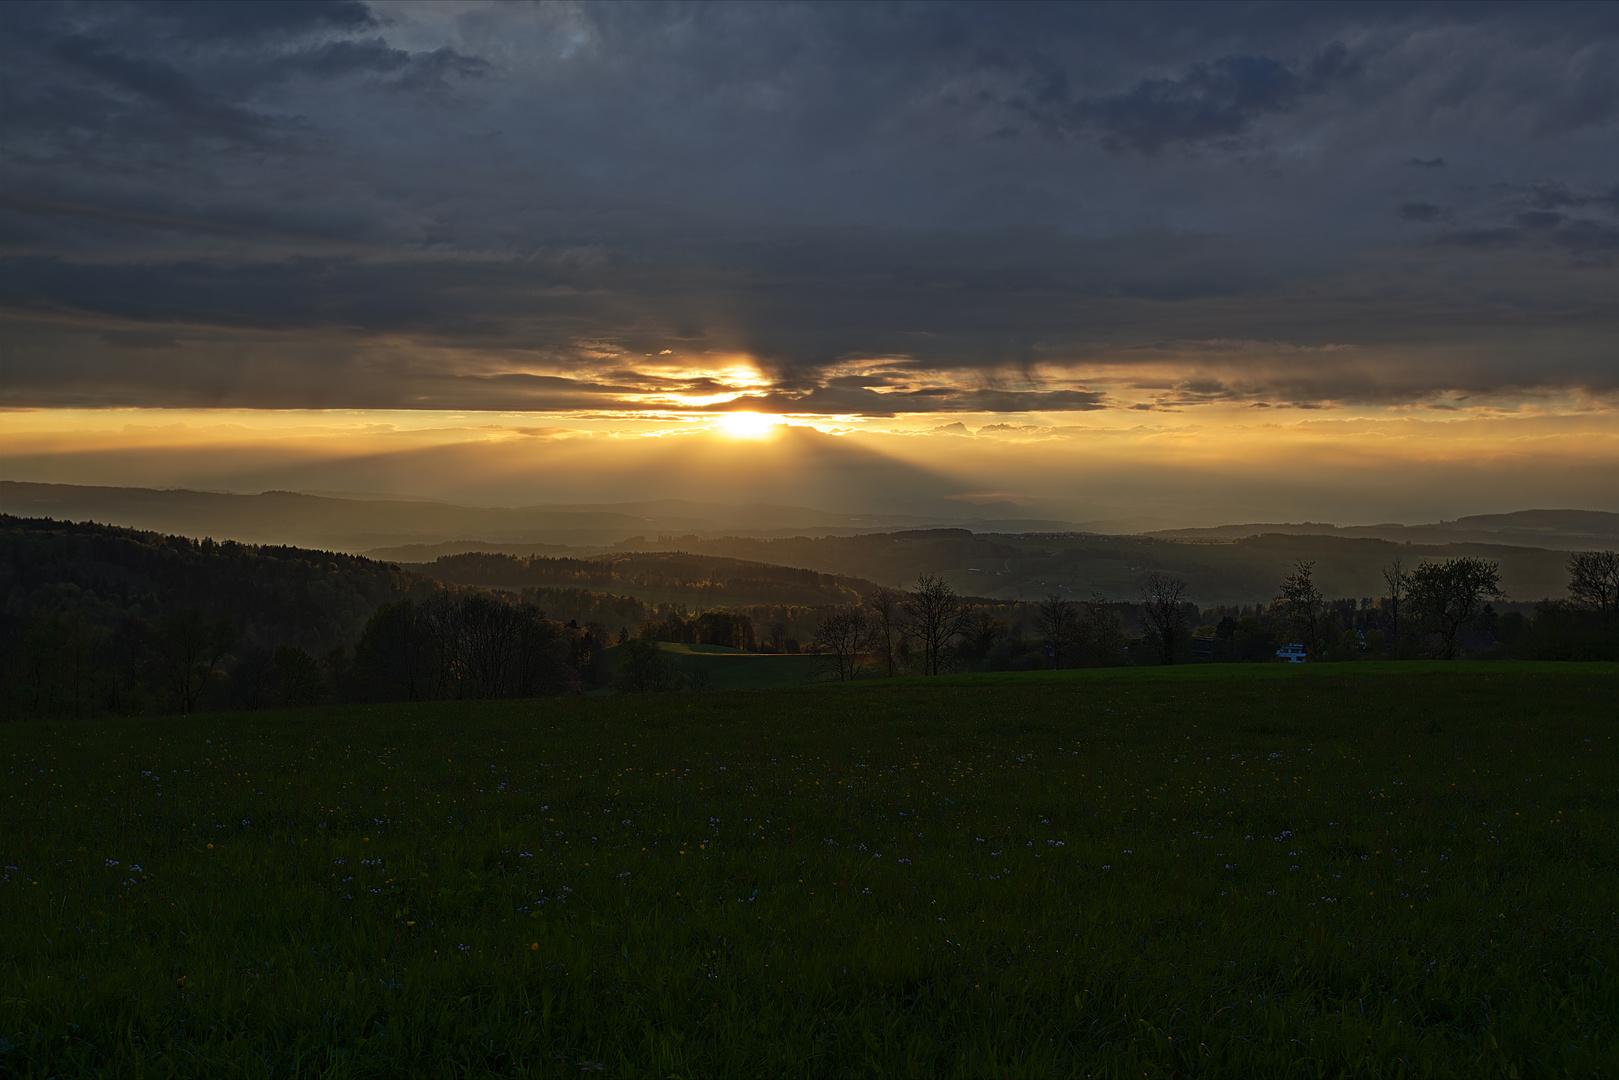 Sonnenuntergang nach einem regnerischen Tag